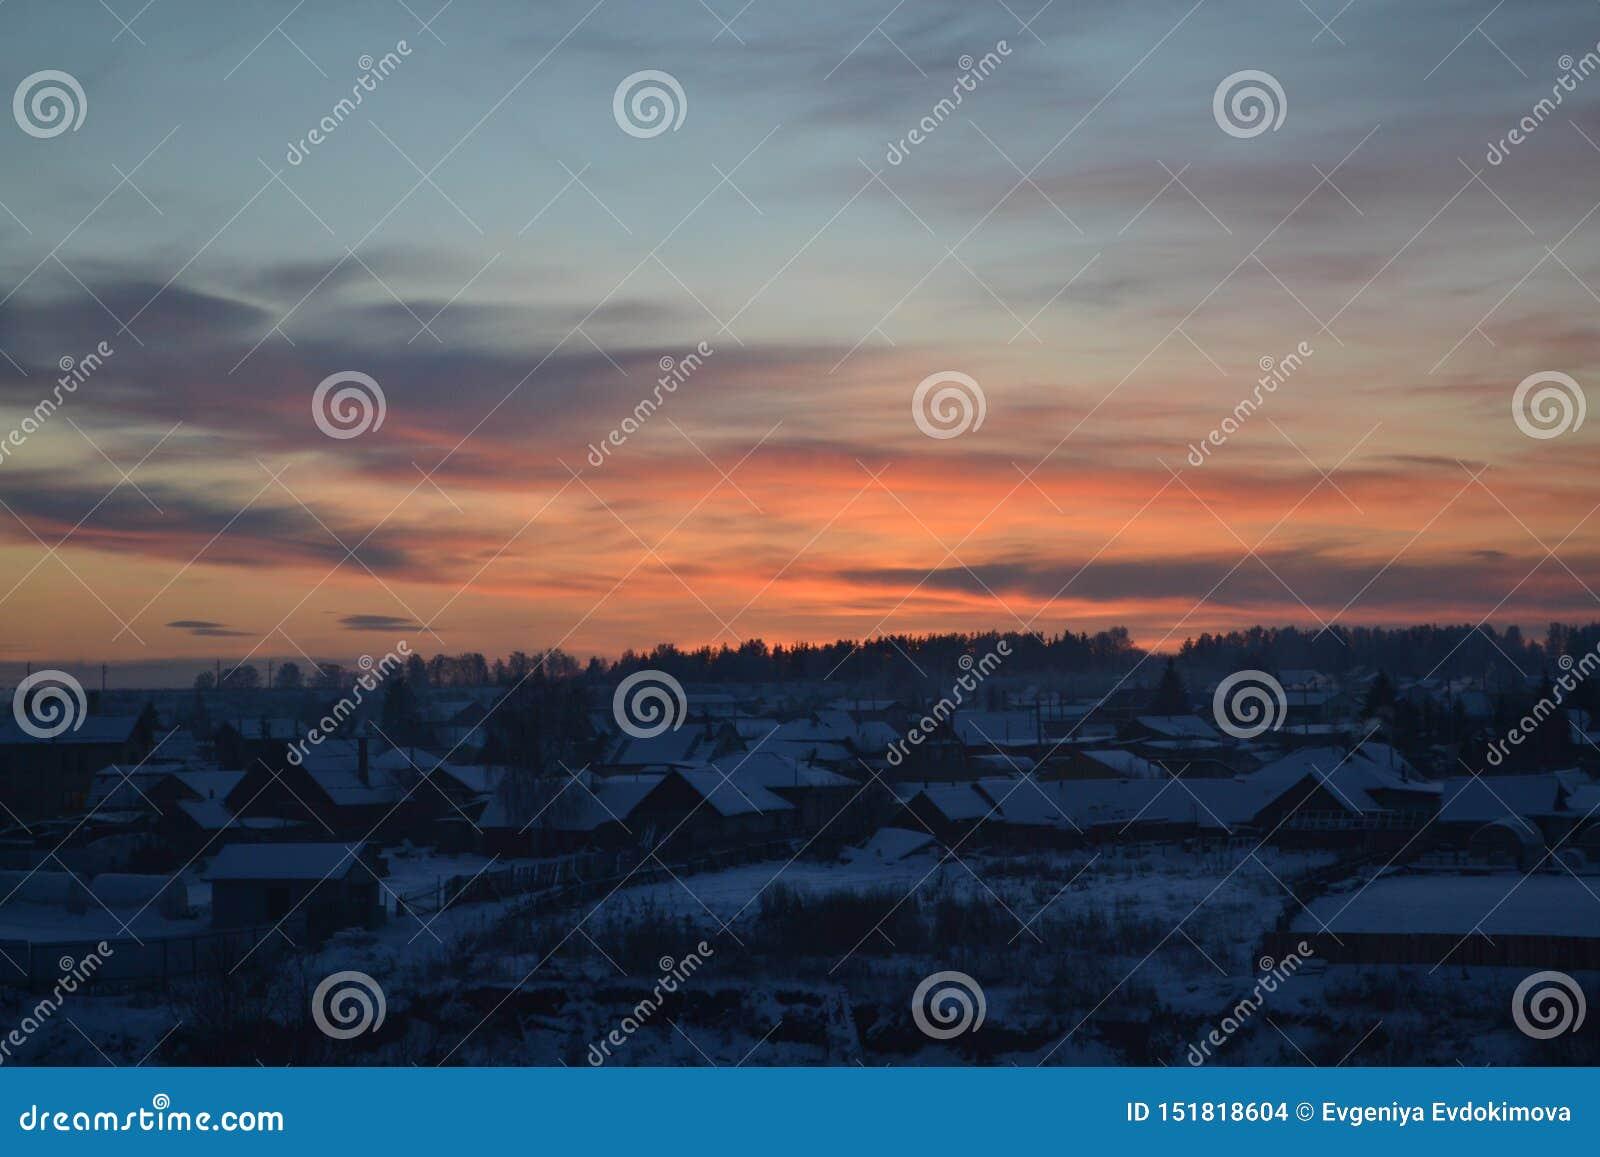 Ηλιοβασίλεμα στον ουρανό πέρα από το χειμερινό ρωσικό χωριό